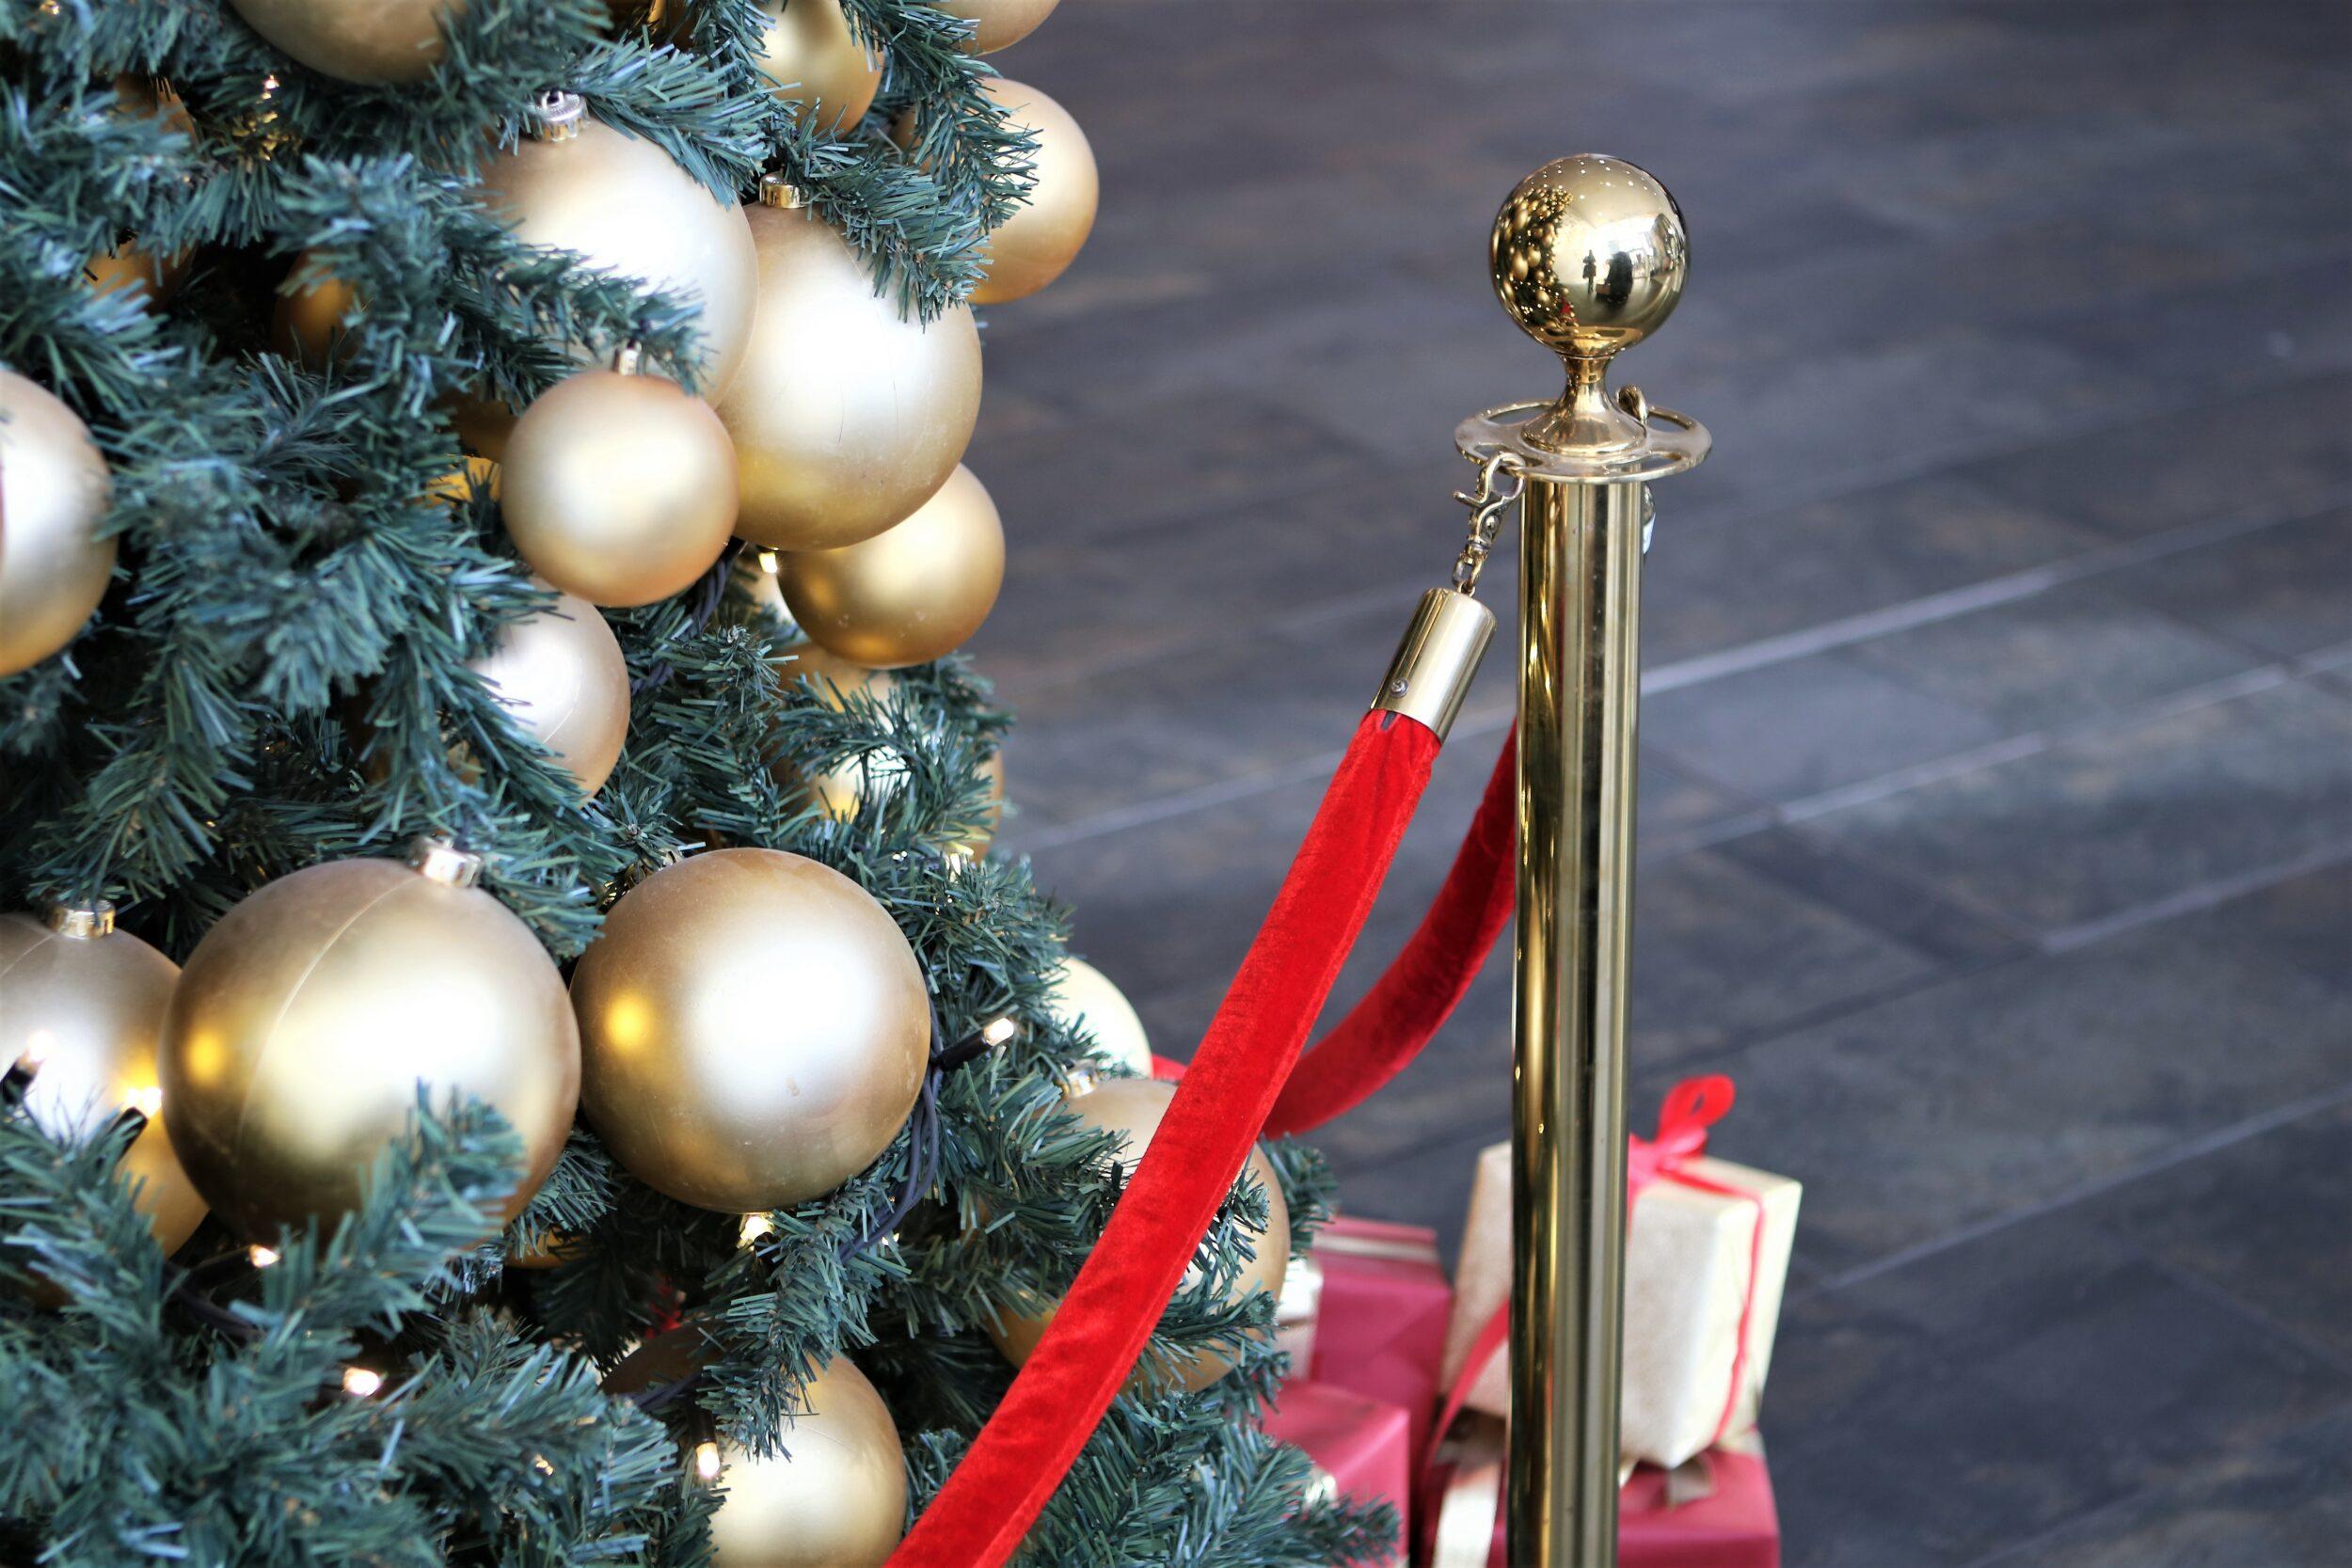 Baldonis julecirkus kommer til Roskilde